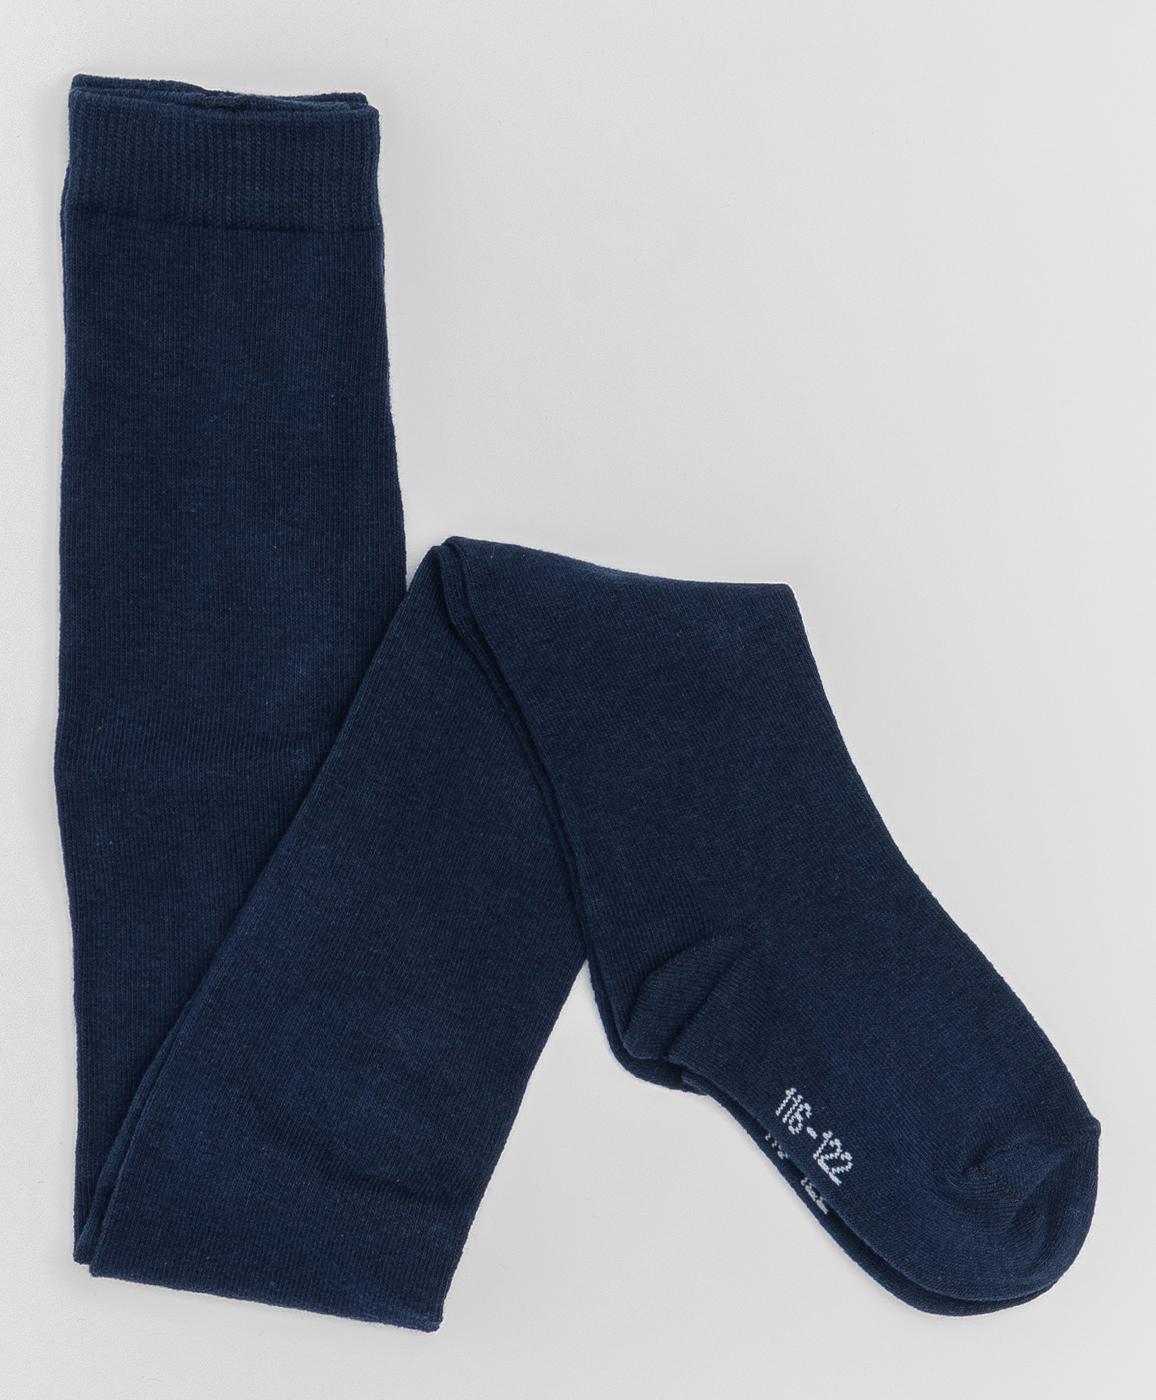 Купить 220BBBMU84011000, Темно-синие колготки Button Blue, синий, 128-134, Хлопок, Мужской, ОСЕНЬ/ЗИМА 2020-2021 (shop: GulliverMarket Gulliver Market)